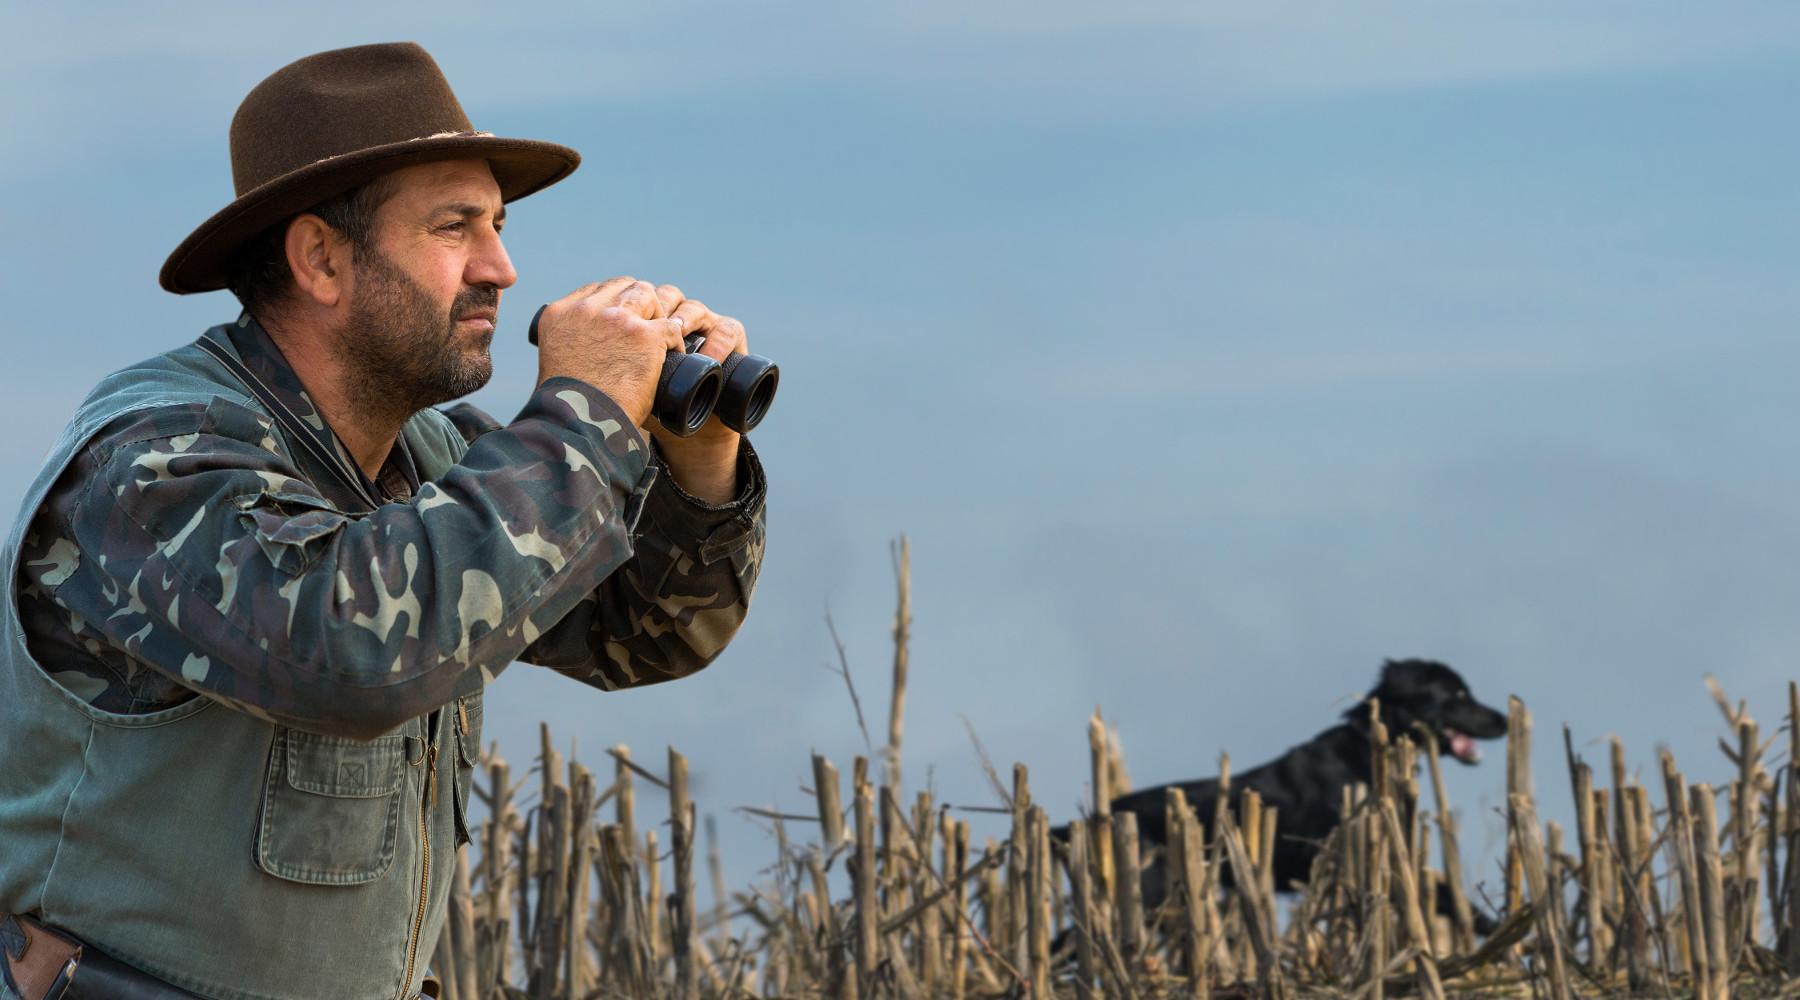 Impatto della caccia sulla conservazione, i dati